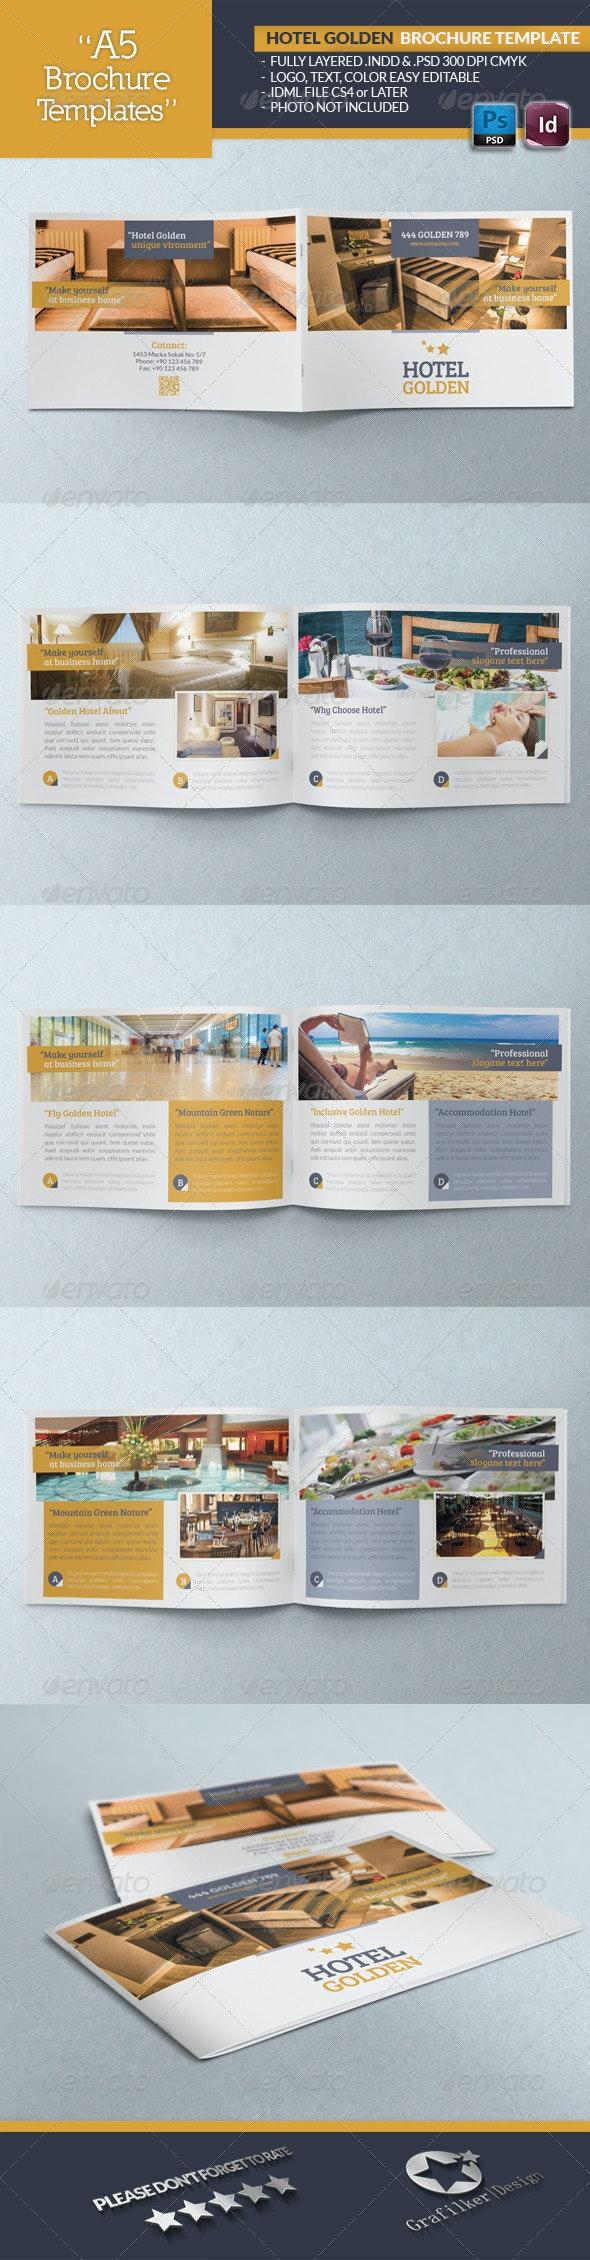 Hotel Golden Brochure Template - Brochures Print Templates